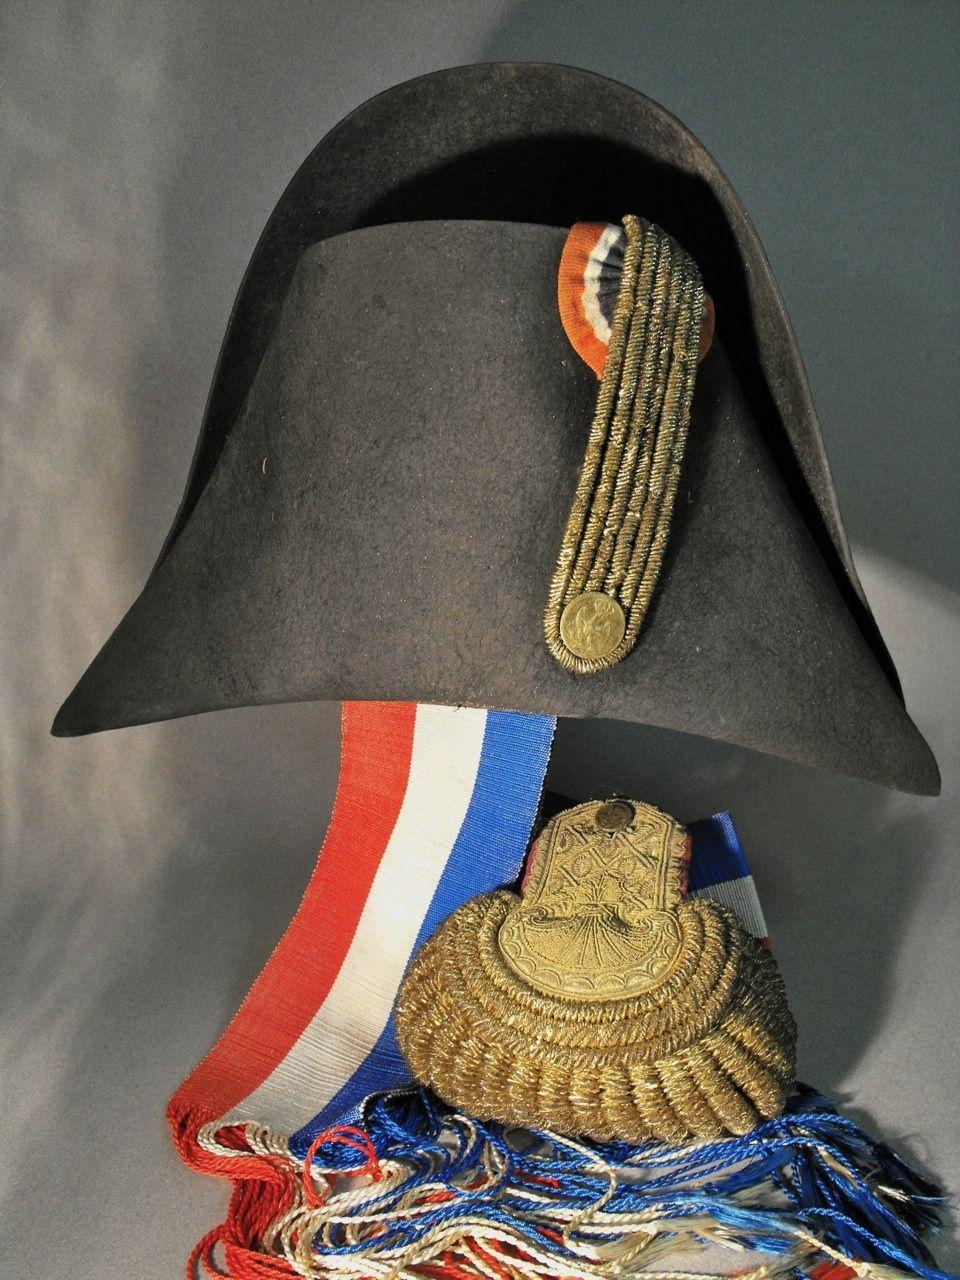 nouveau style de vie officiel prix de gros 1812 Dress Chapeau & Epaulet / Napoleonic Emperial Guard ...